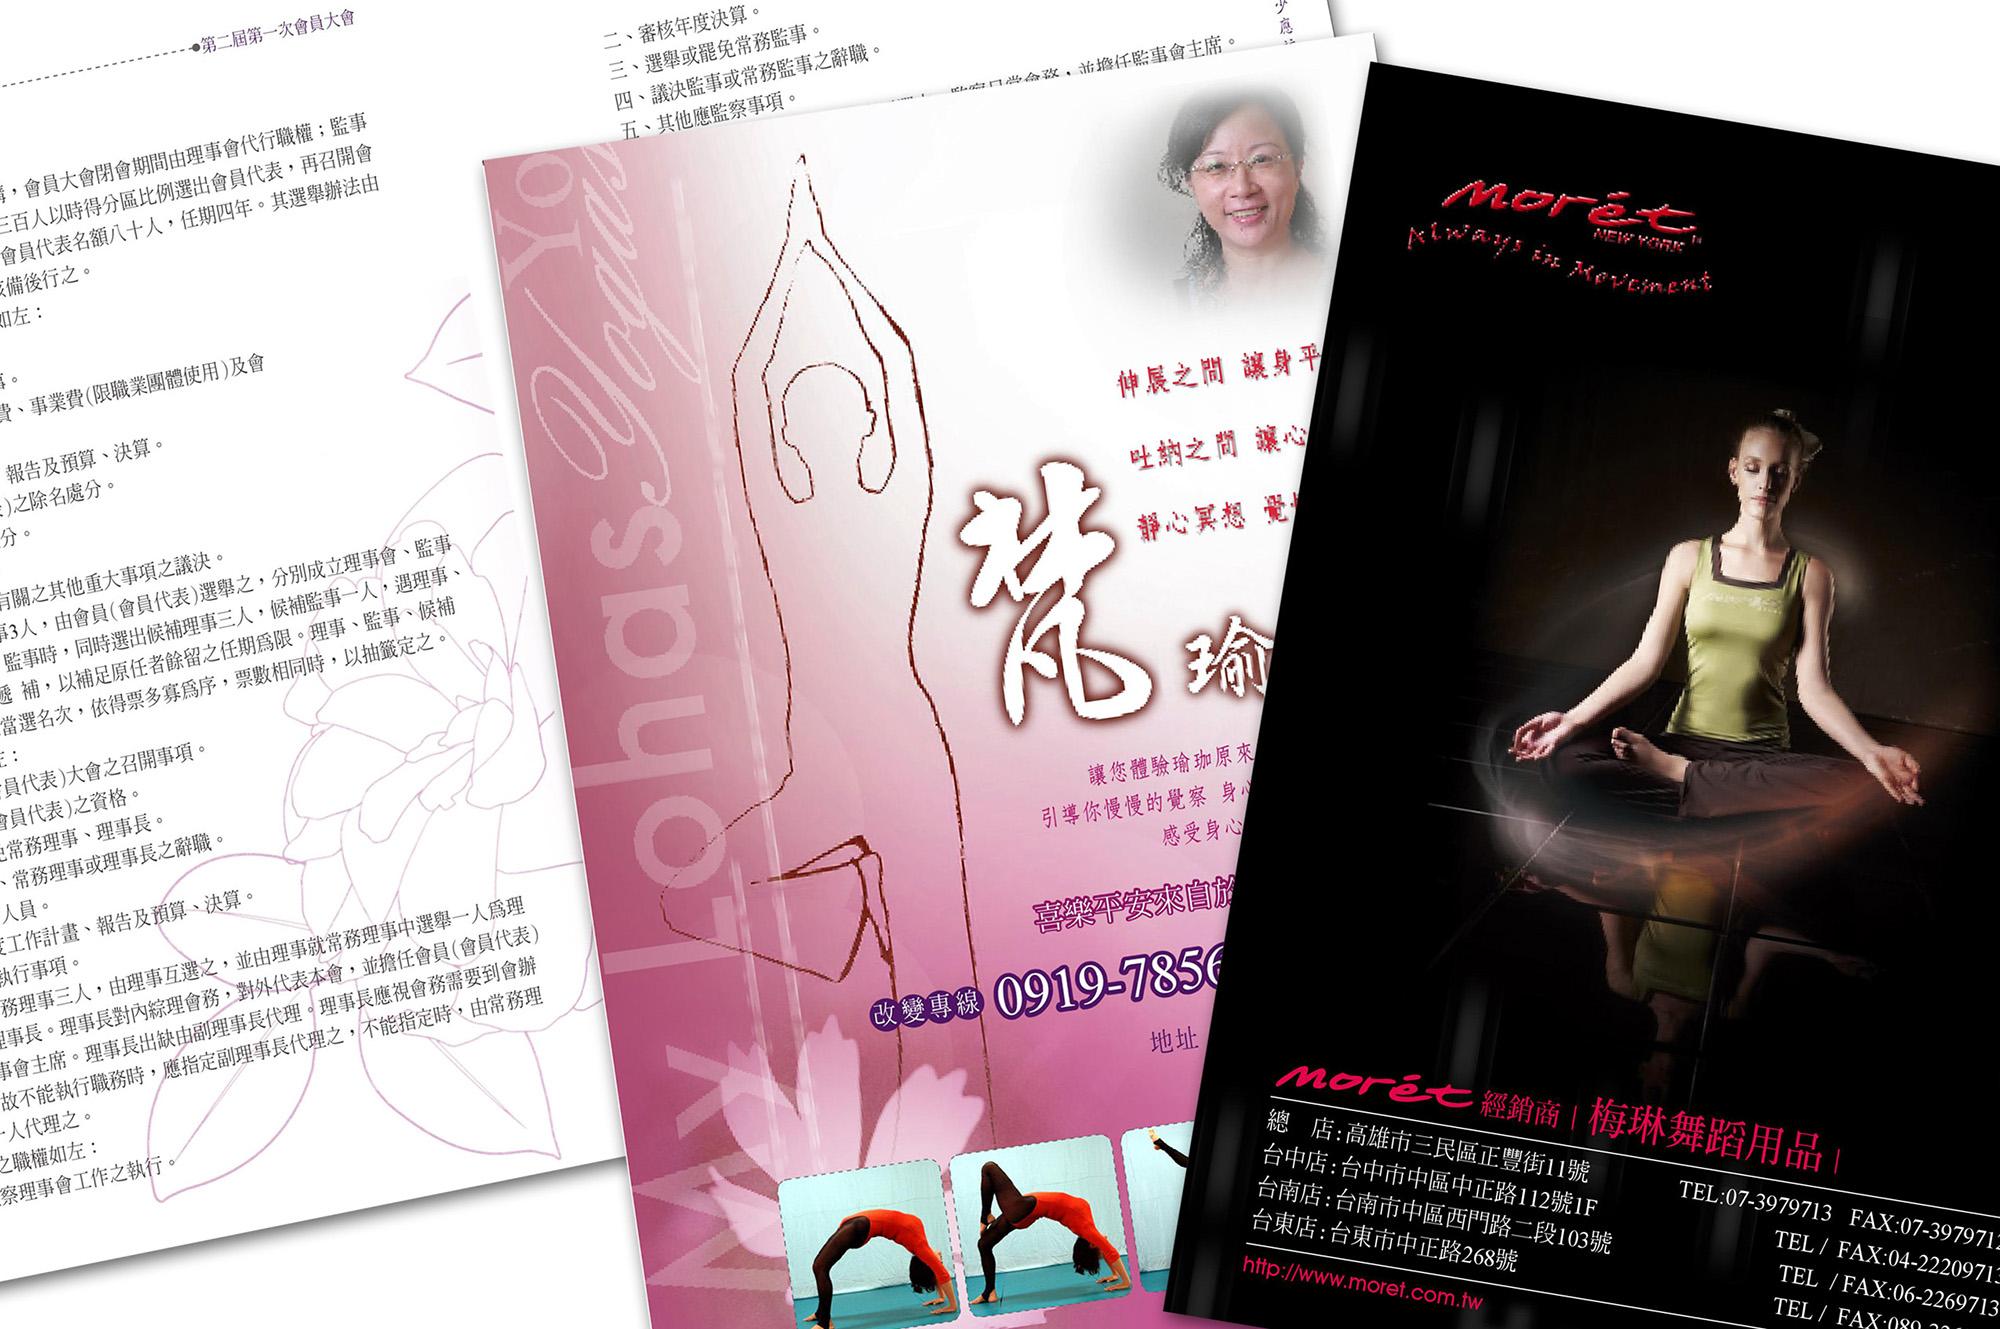 瑜伽社招新海报手绘